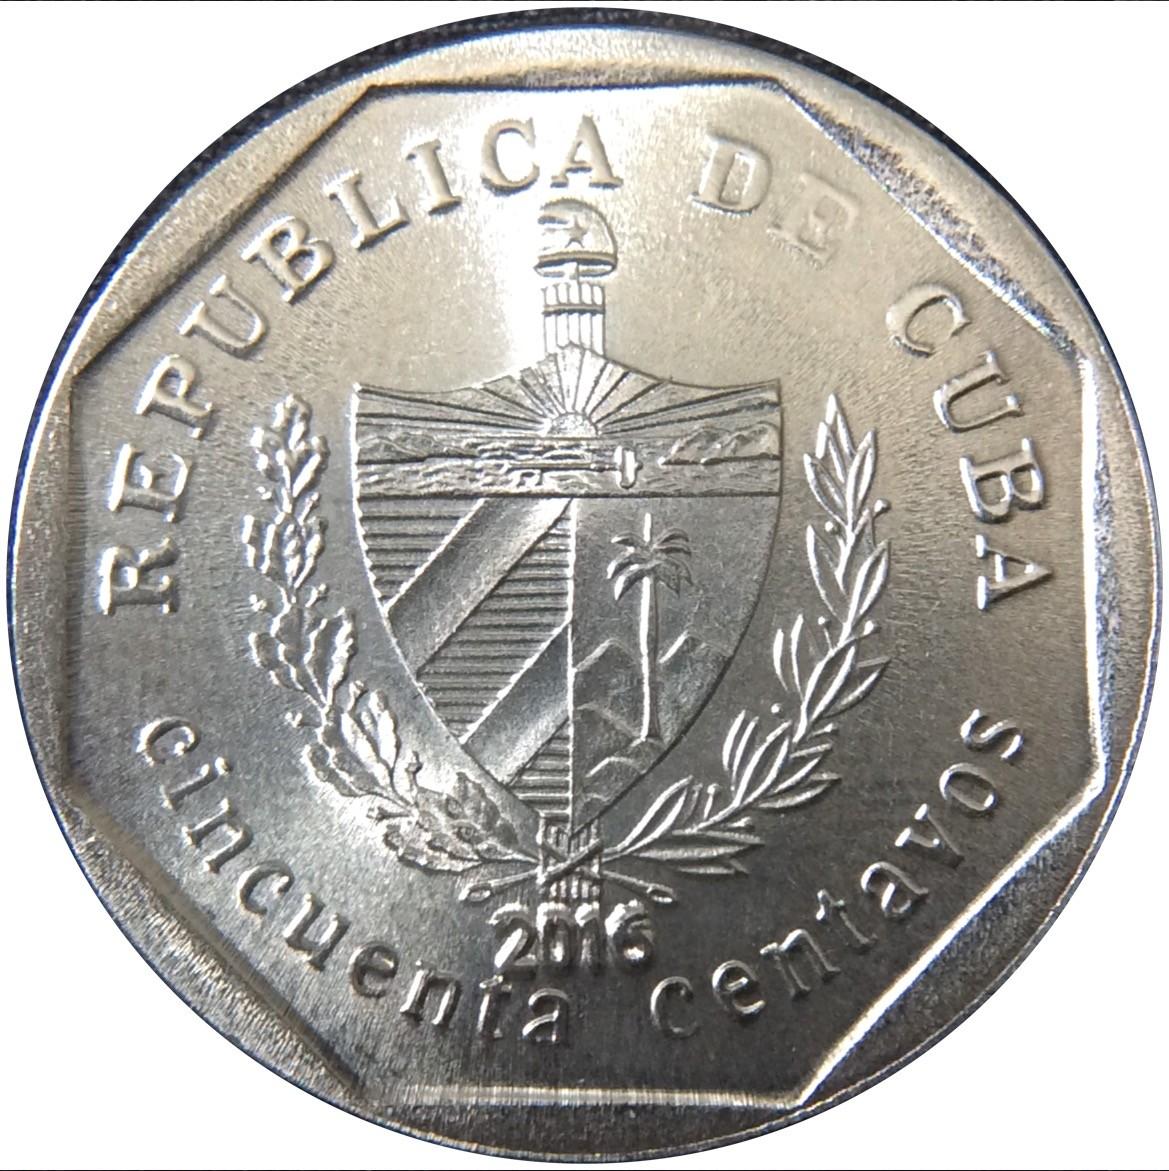 Cuba Convertible 50 Centavos